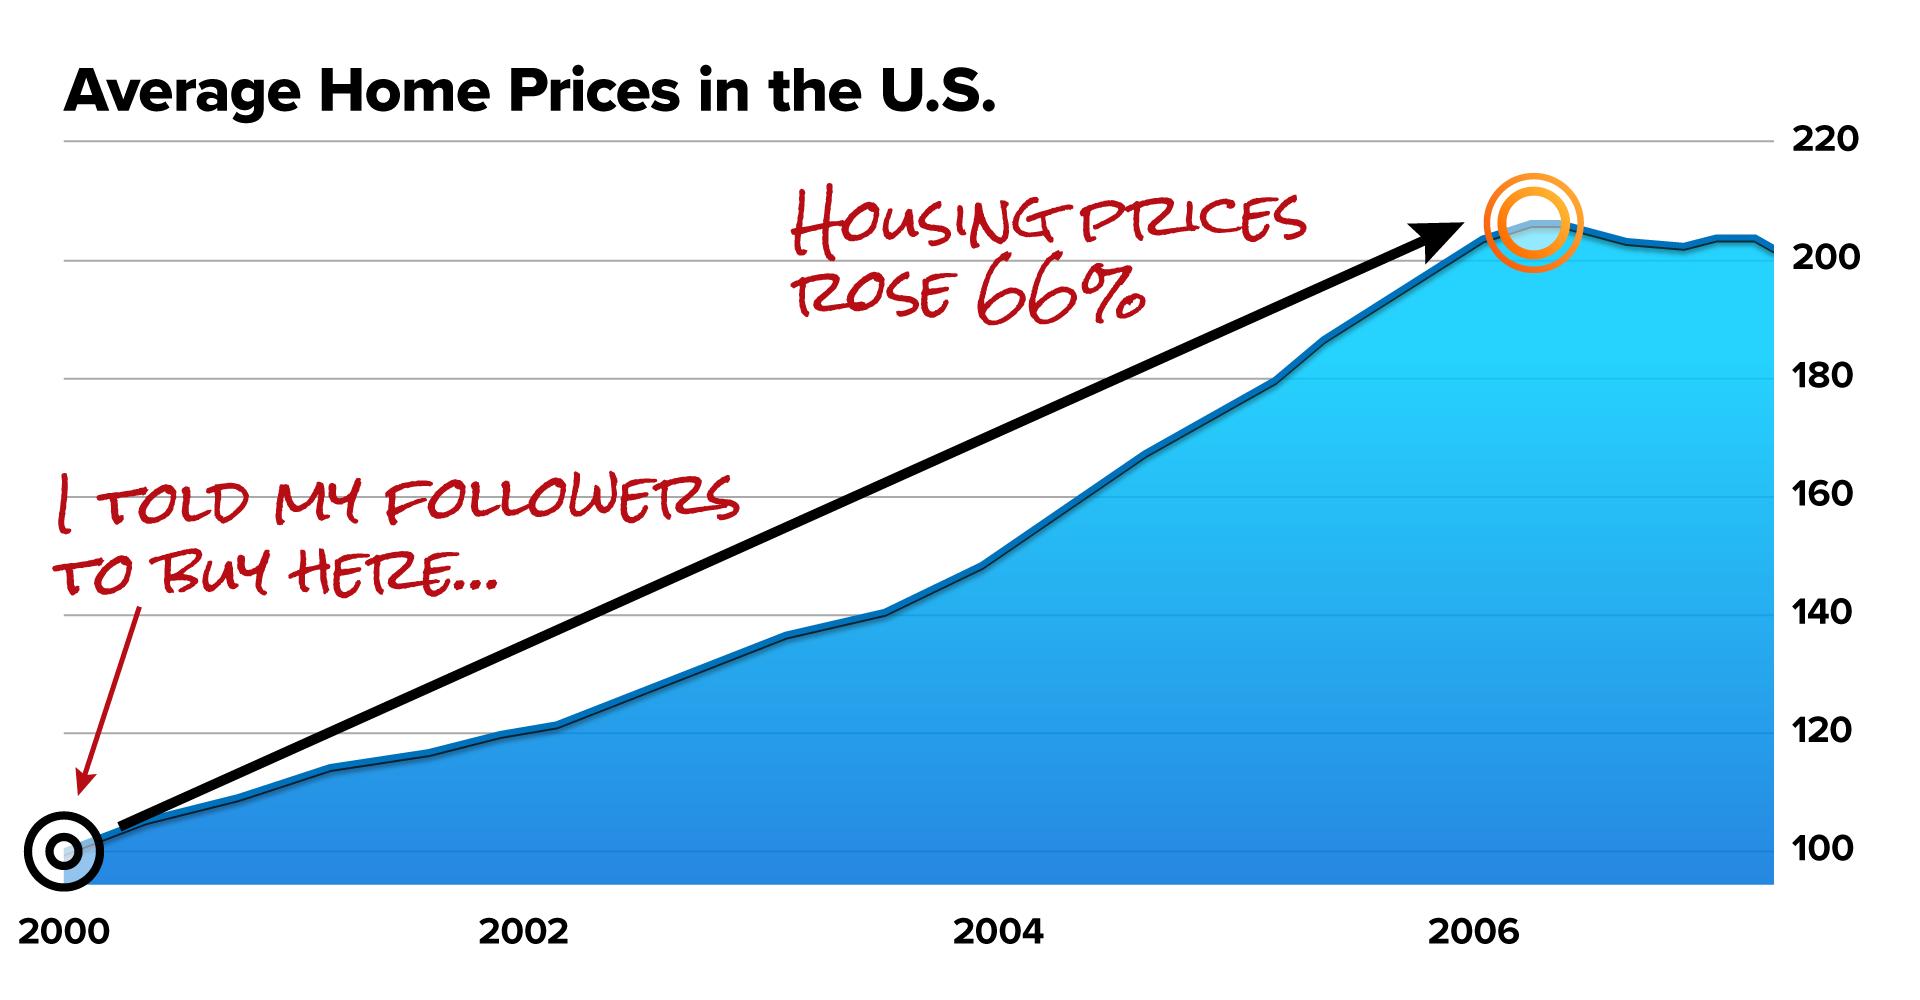 AVG Home Price chart